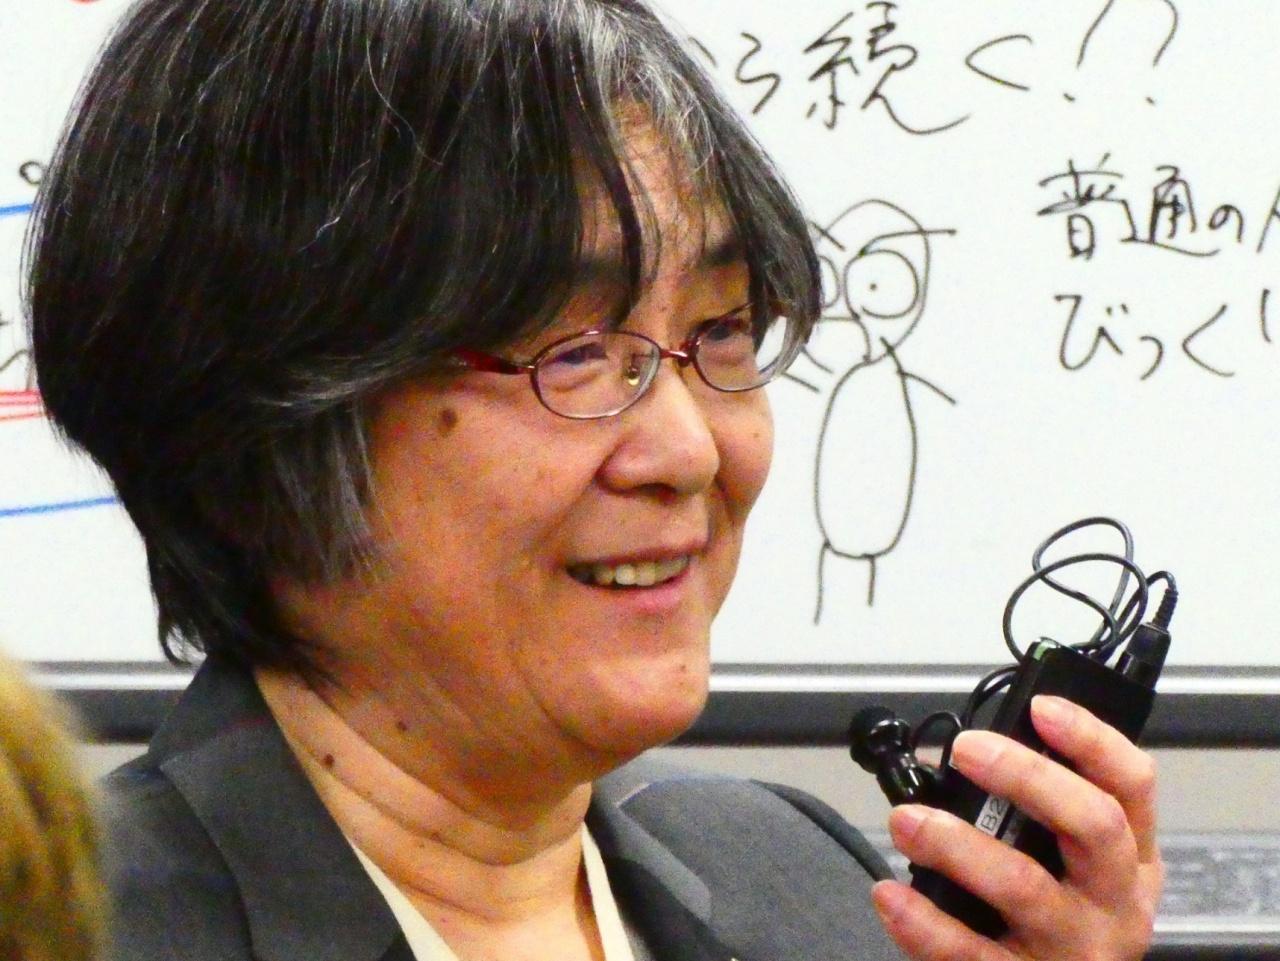 藤岡淳子教授(大阪大学/ATA-net性問題行動班)